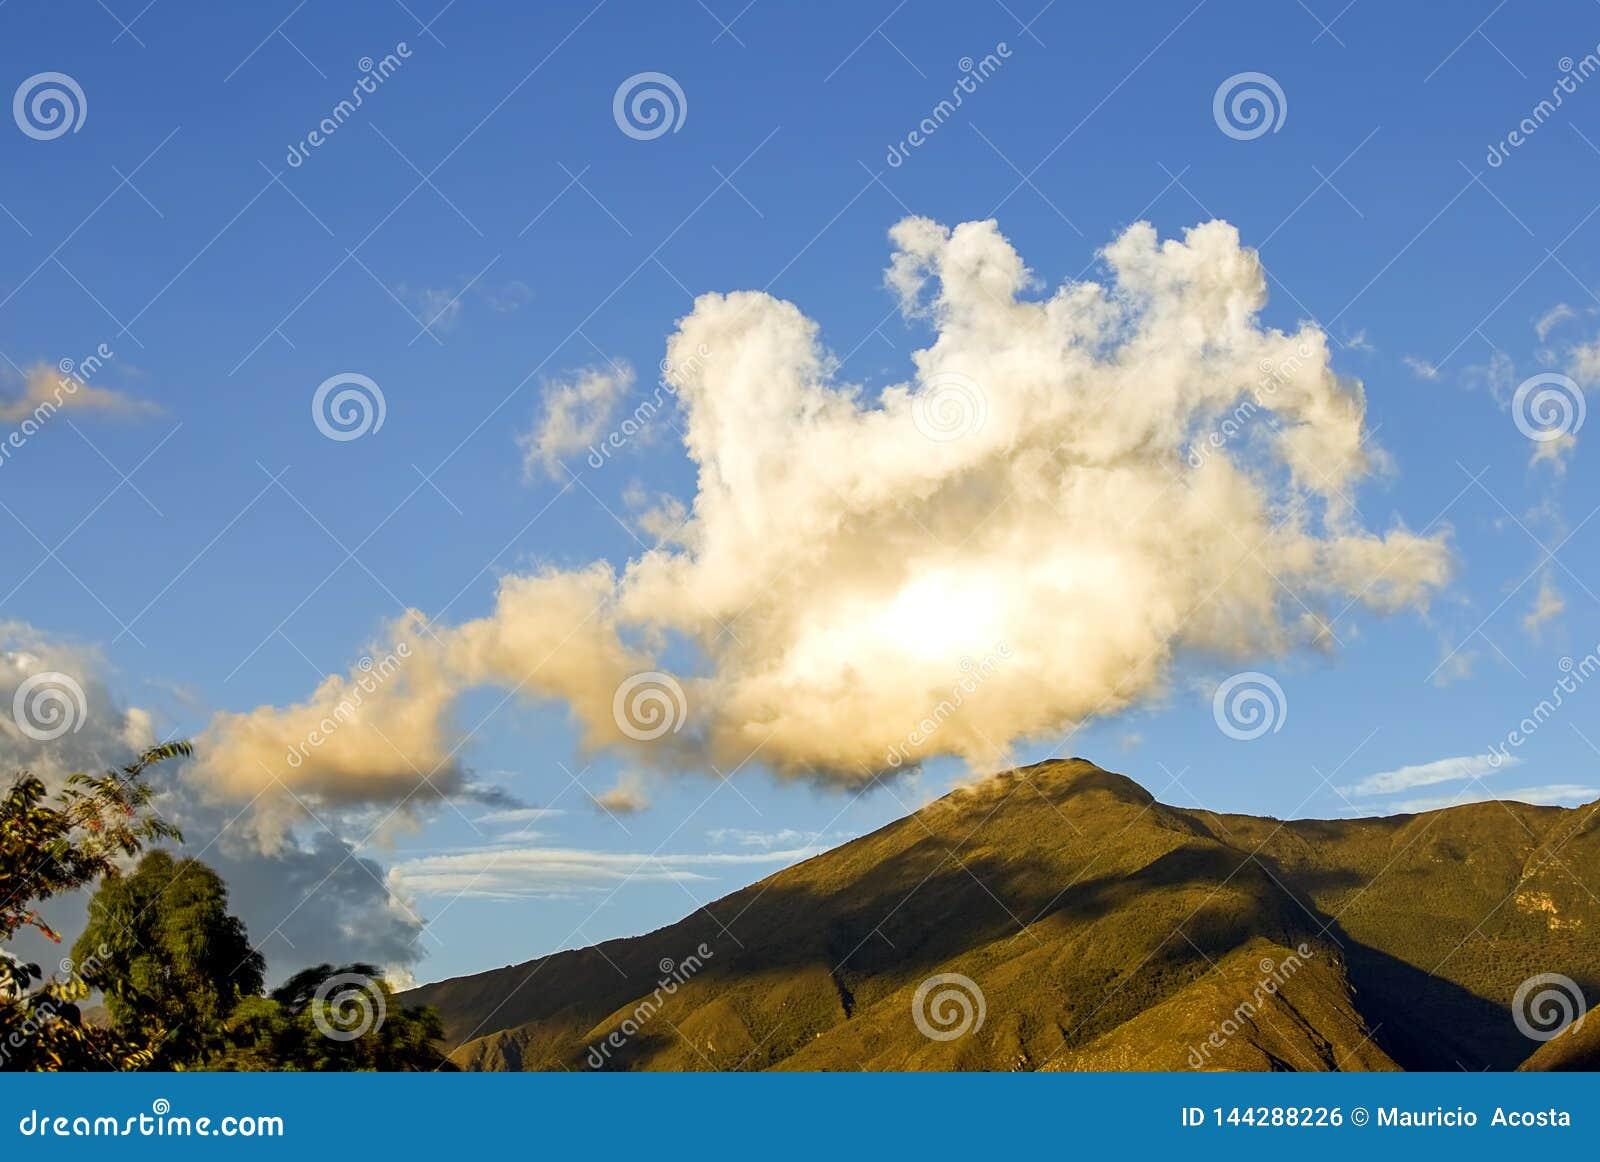 Nuvem grande sobre a montanha